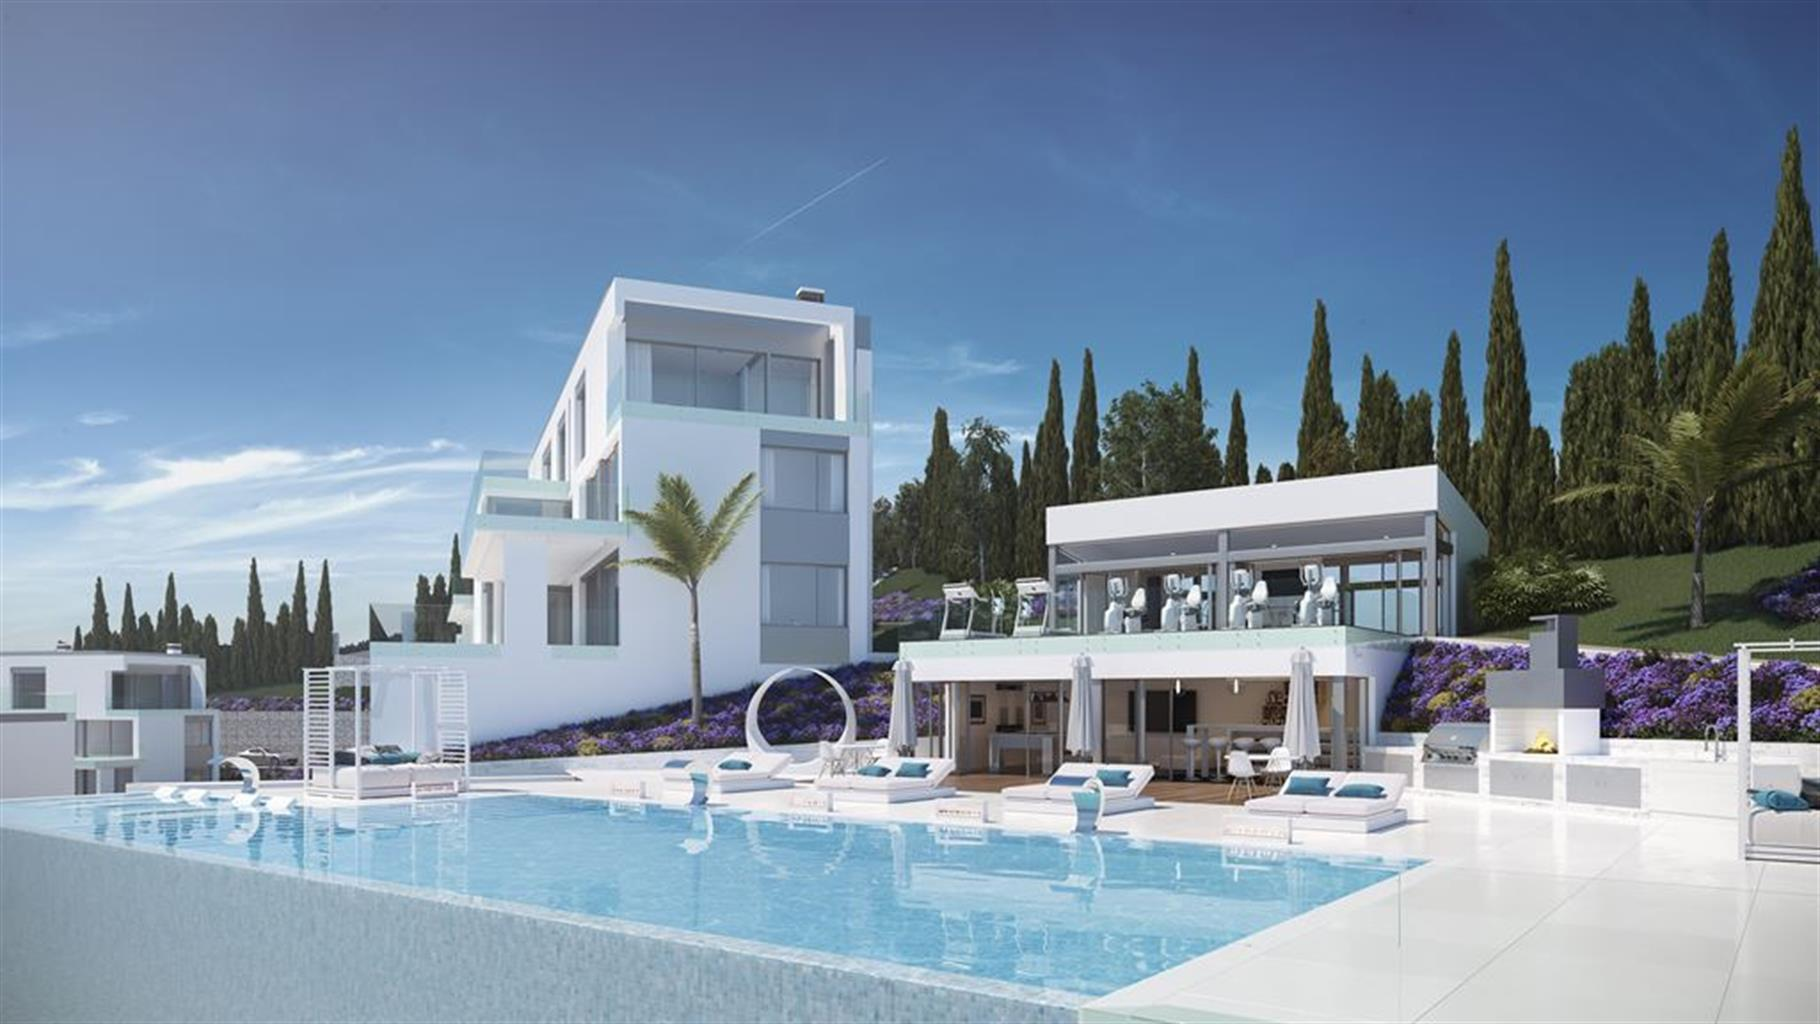 Aanbod van 30 appartementen van verschillende types, in het hart van een golfbaan, zwembad, sociale club, wellnesscentrum, sporthal, speeltuin en tropische tuinen